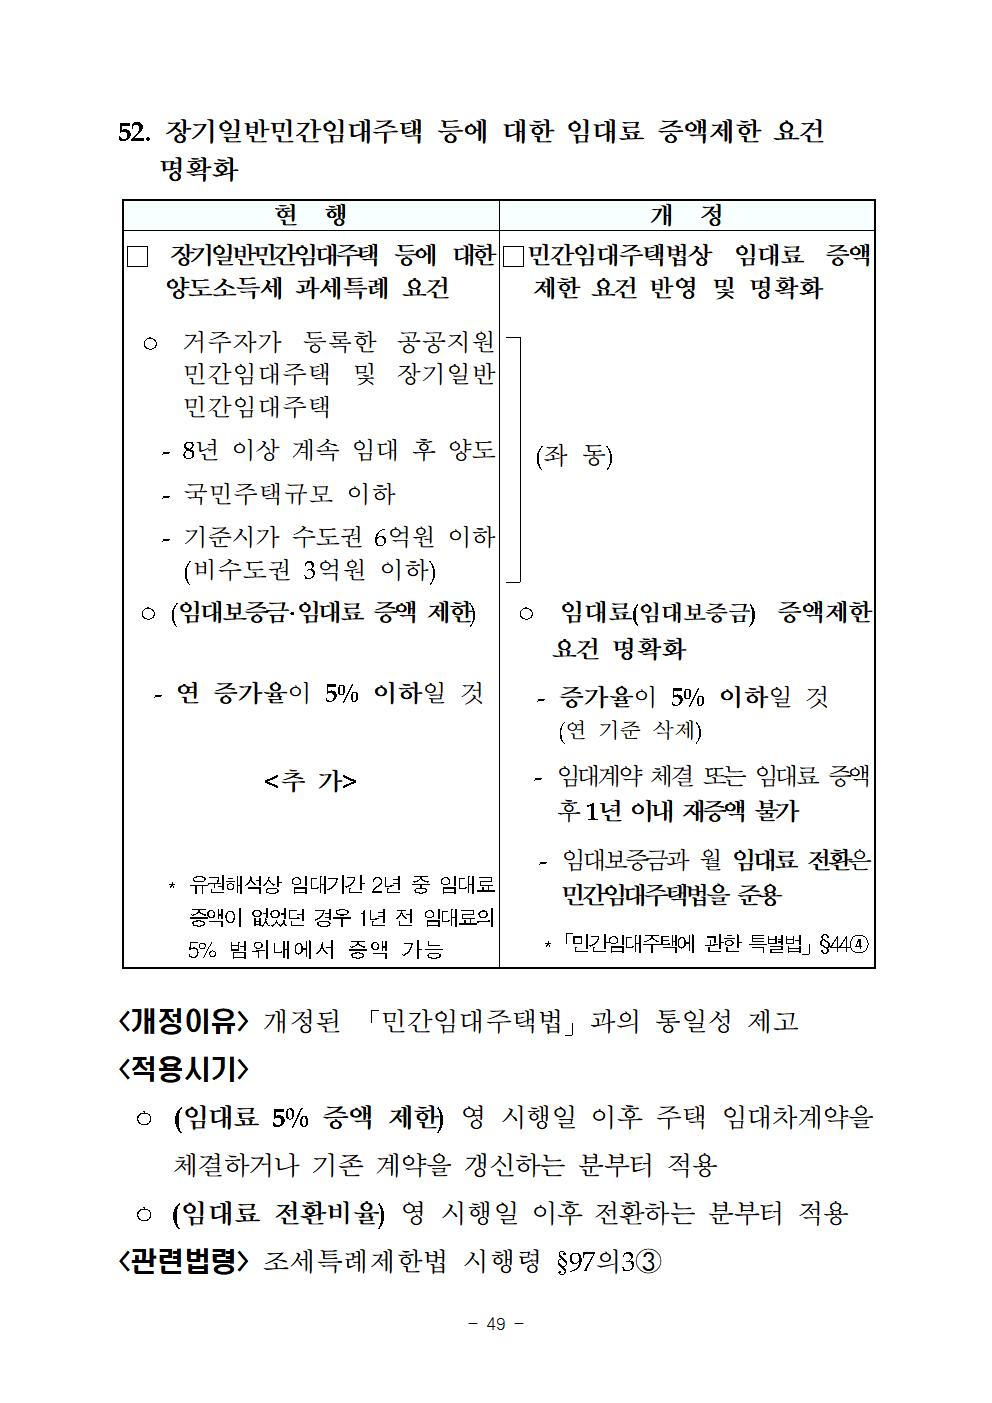 2019년세법개정내용(양도소득세분야)054.png